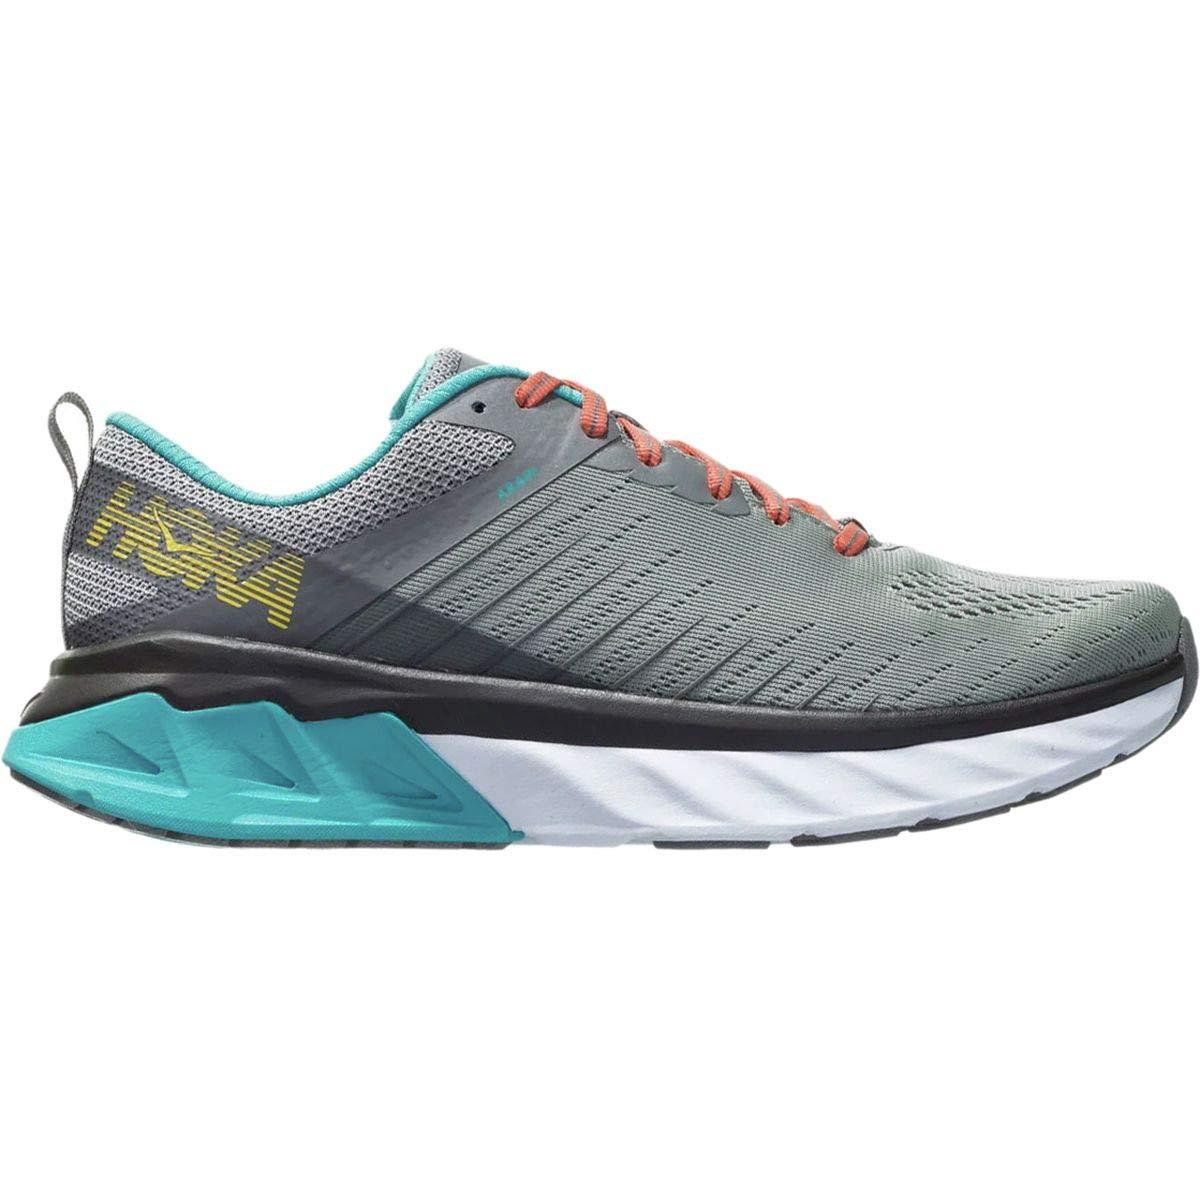 [ホッカオネオネ] レディース ランニング Shoe Arahi B07NZMBGQQ 10 3 Running Shoe [並行輸入品] B07NZMBGQQ 10, ワッペン屋さんラボ:3429202d --- dqfansurvey.online